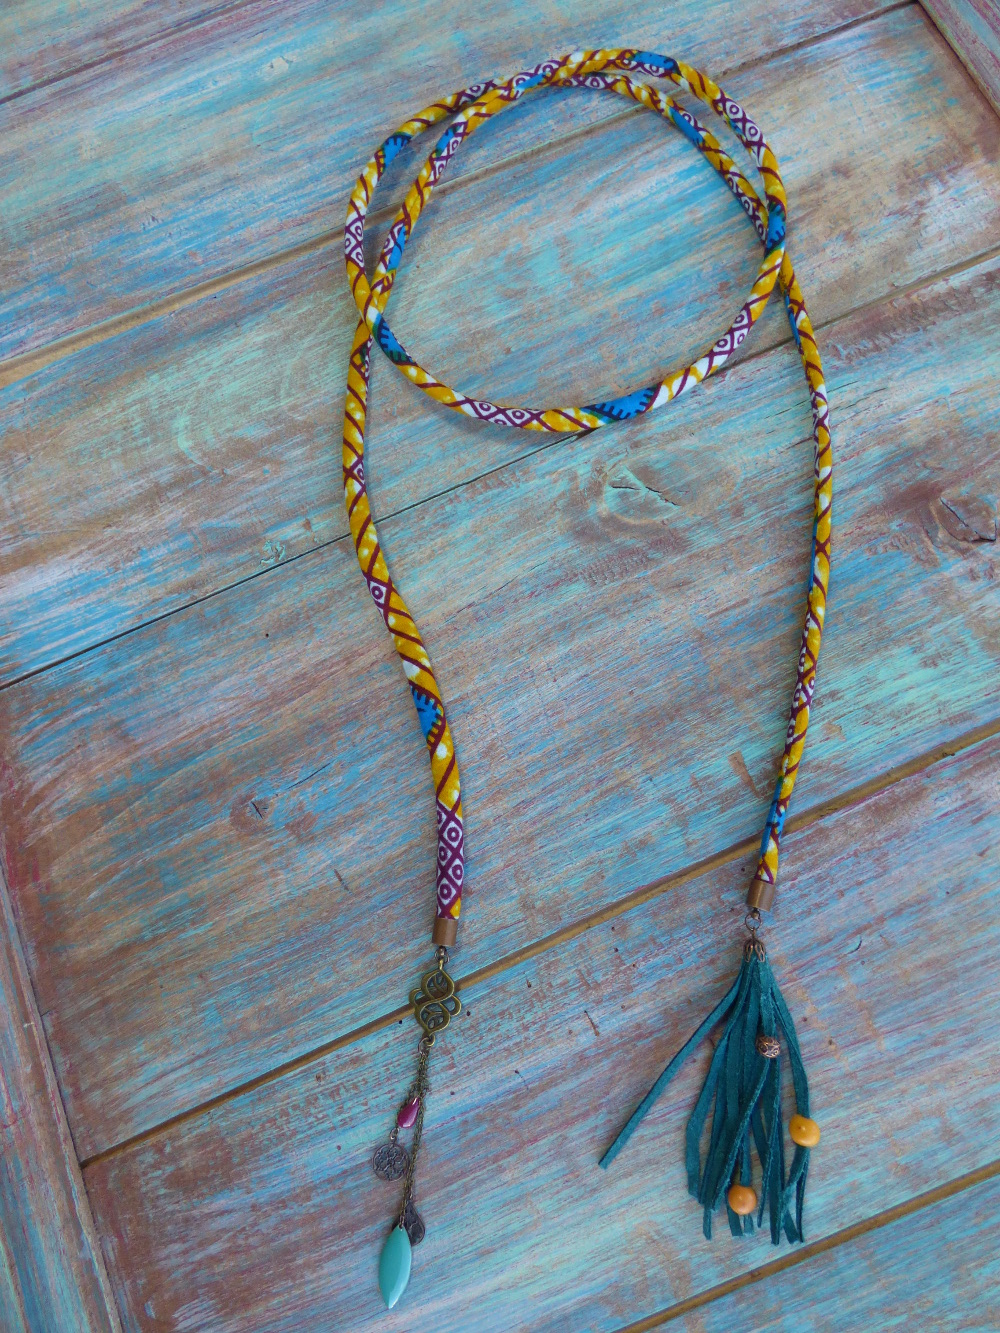 Collier ethnique à enrouler autour du cou en cordon en wax jaune et pompon en cuir bleu.